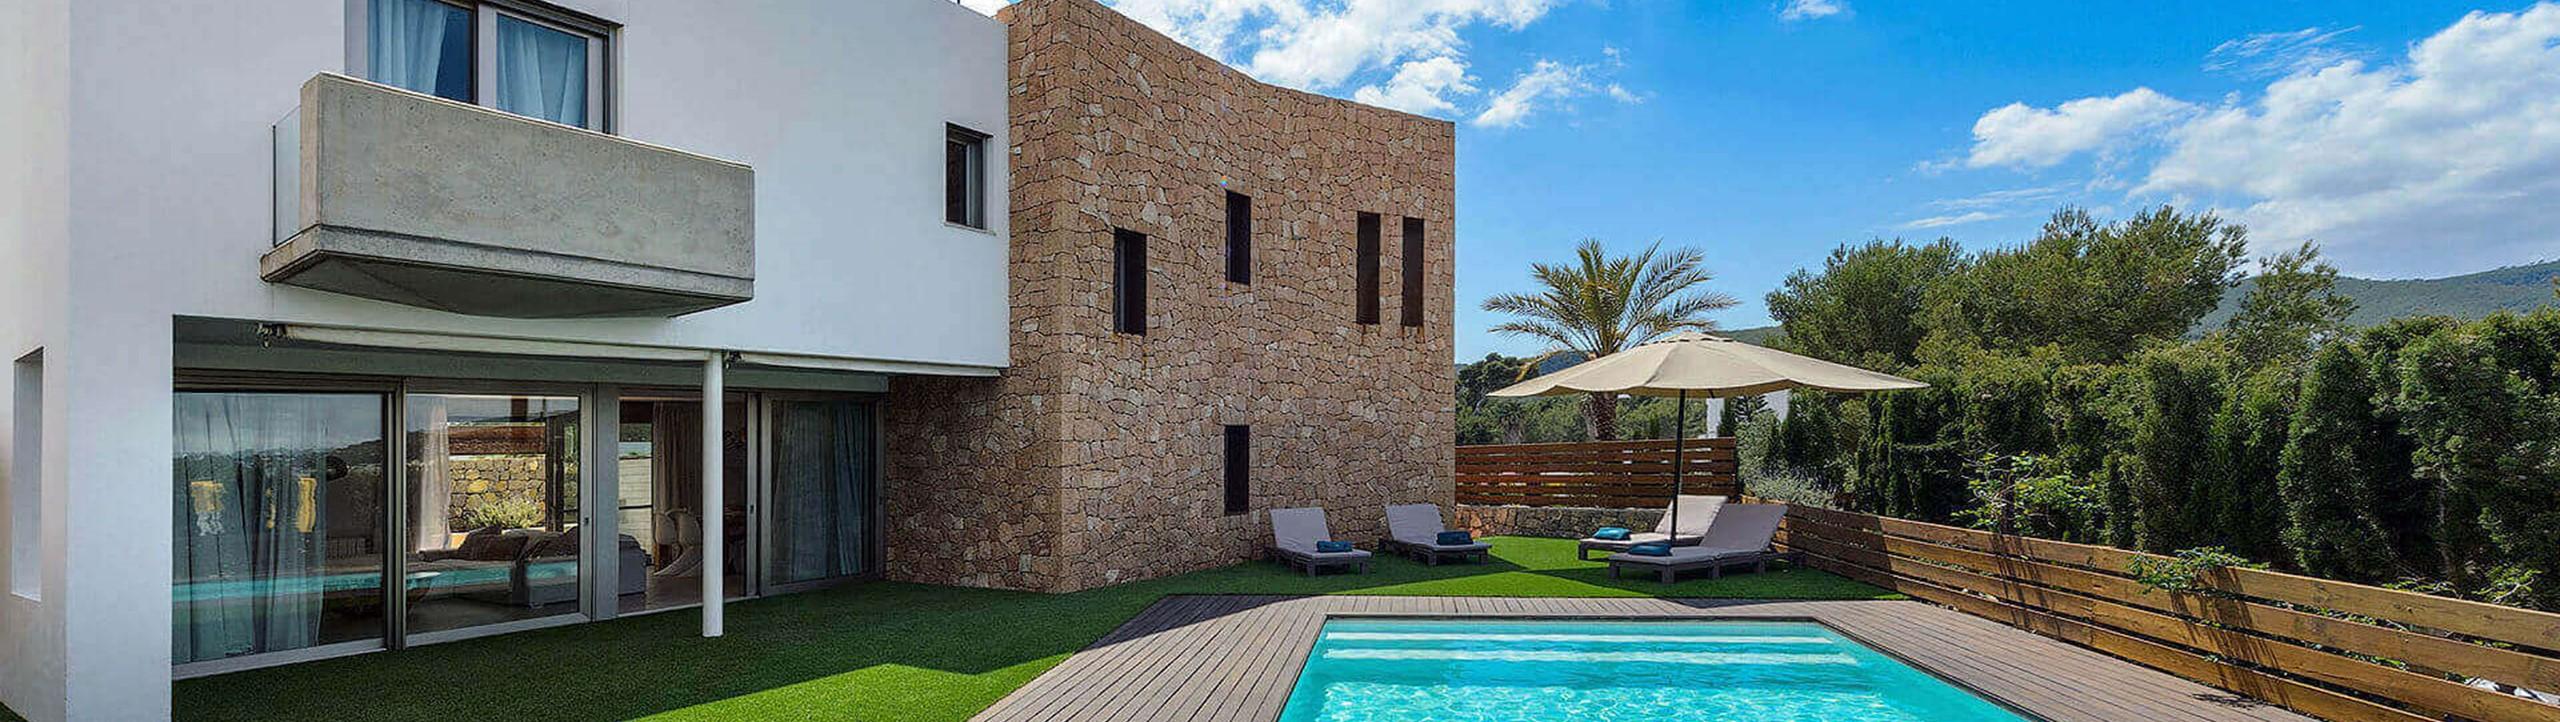 Villa Montecristo Ibiza 1 Near Ibiza Town